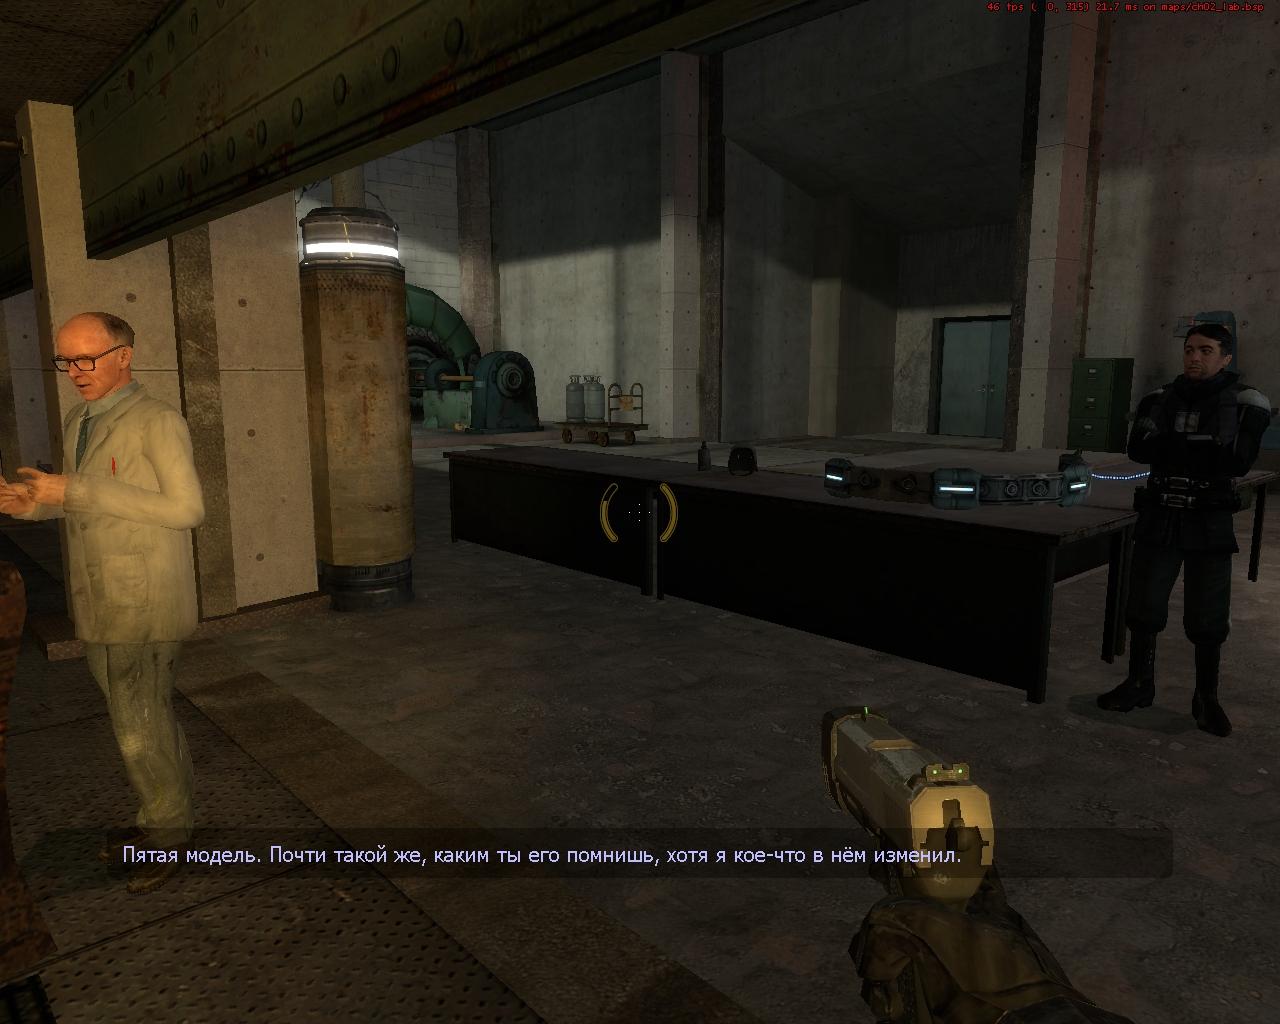 ch02_lab0135.jpg - Half-Life 2 ch02_lab, Dark Interval, Dark Interval: Part 1